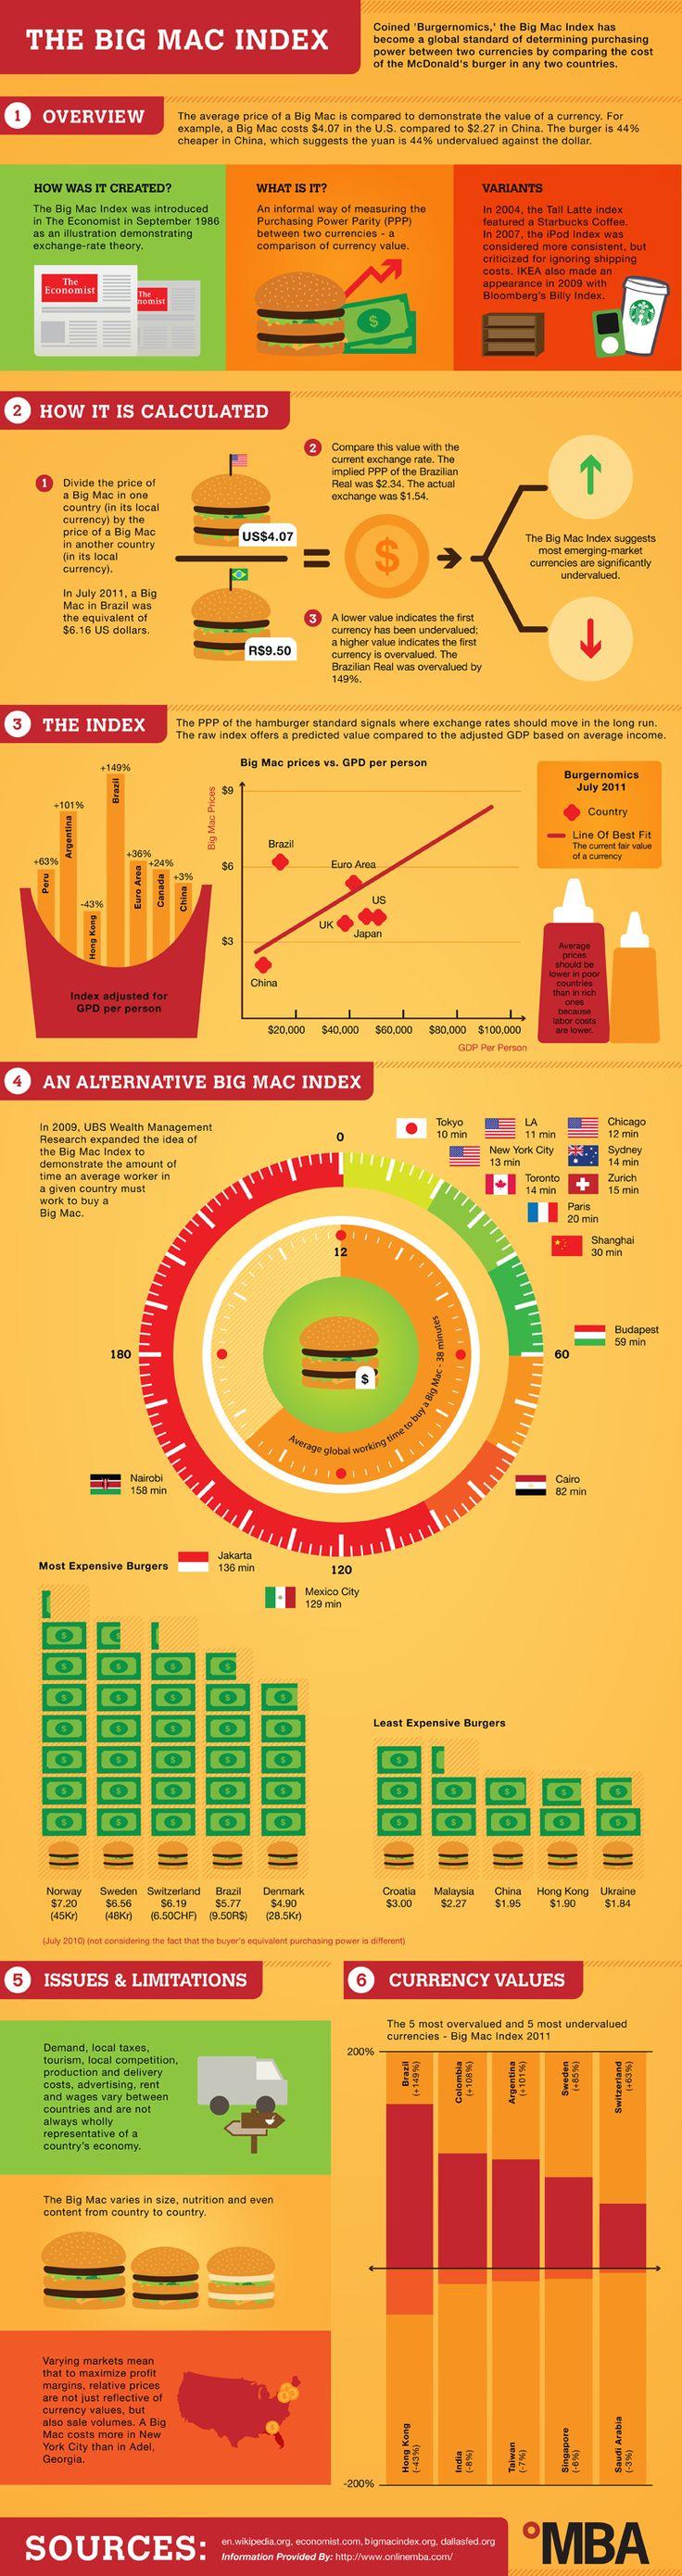 The Big Mac index: Burgernomics [INFOGRAPHIC]